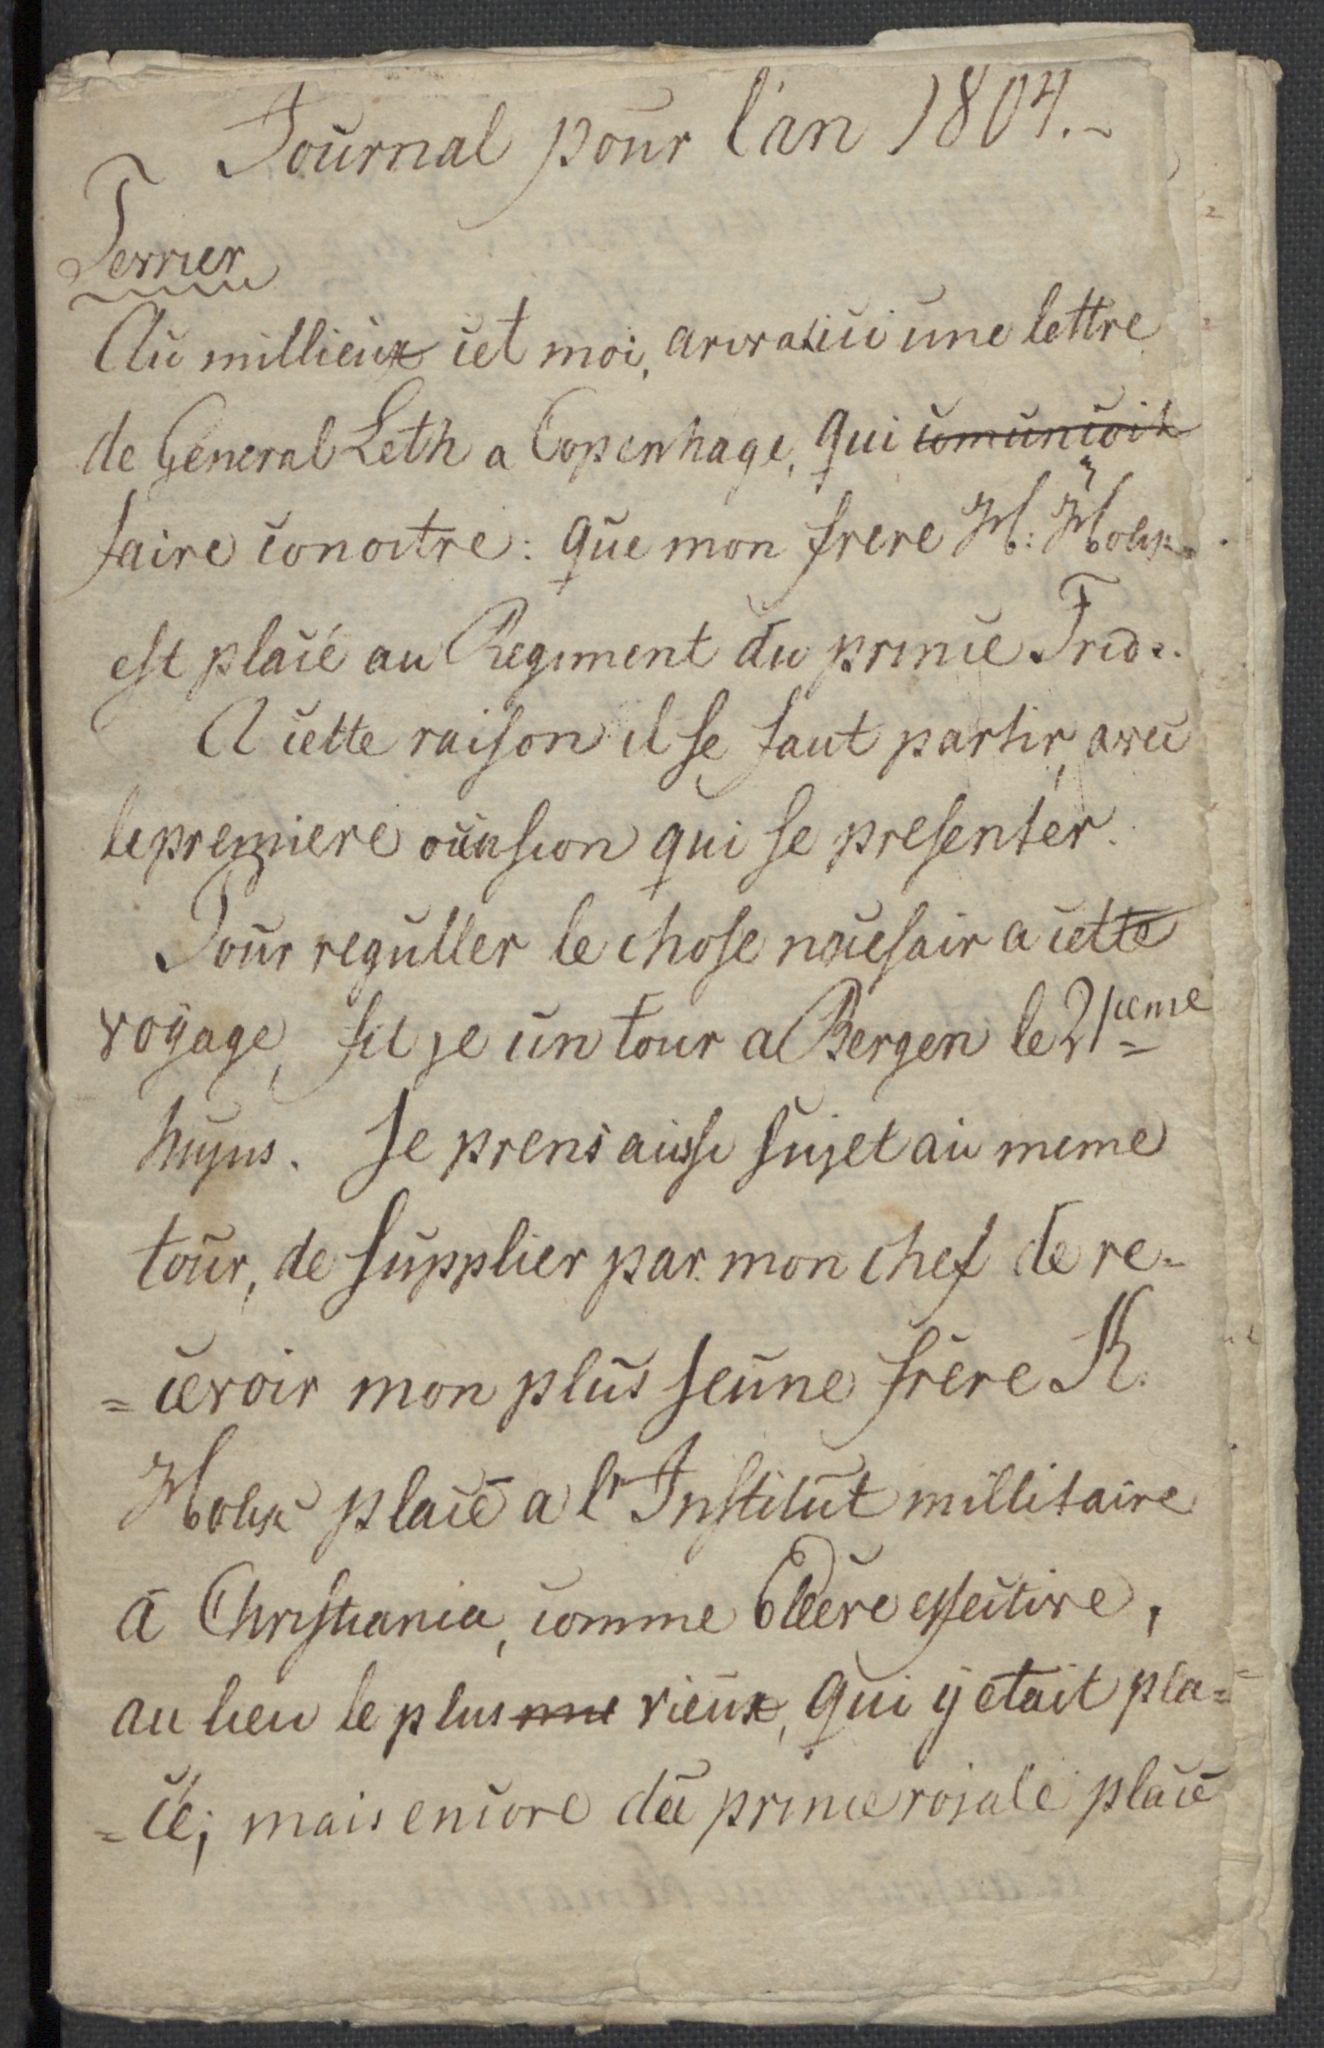 RA, Holck, Meidell, Hartvig, F/L0001: (Kassett) Dagbøker ført av Ole Elias v.Holck, 1798-1842, s. 122